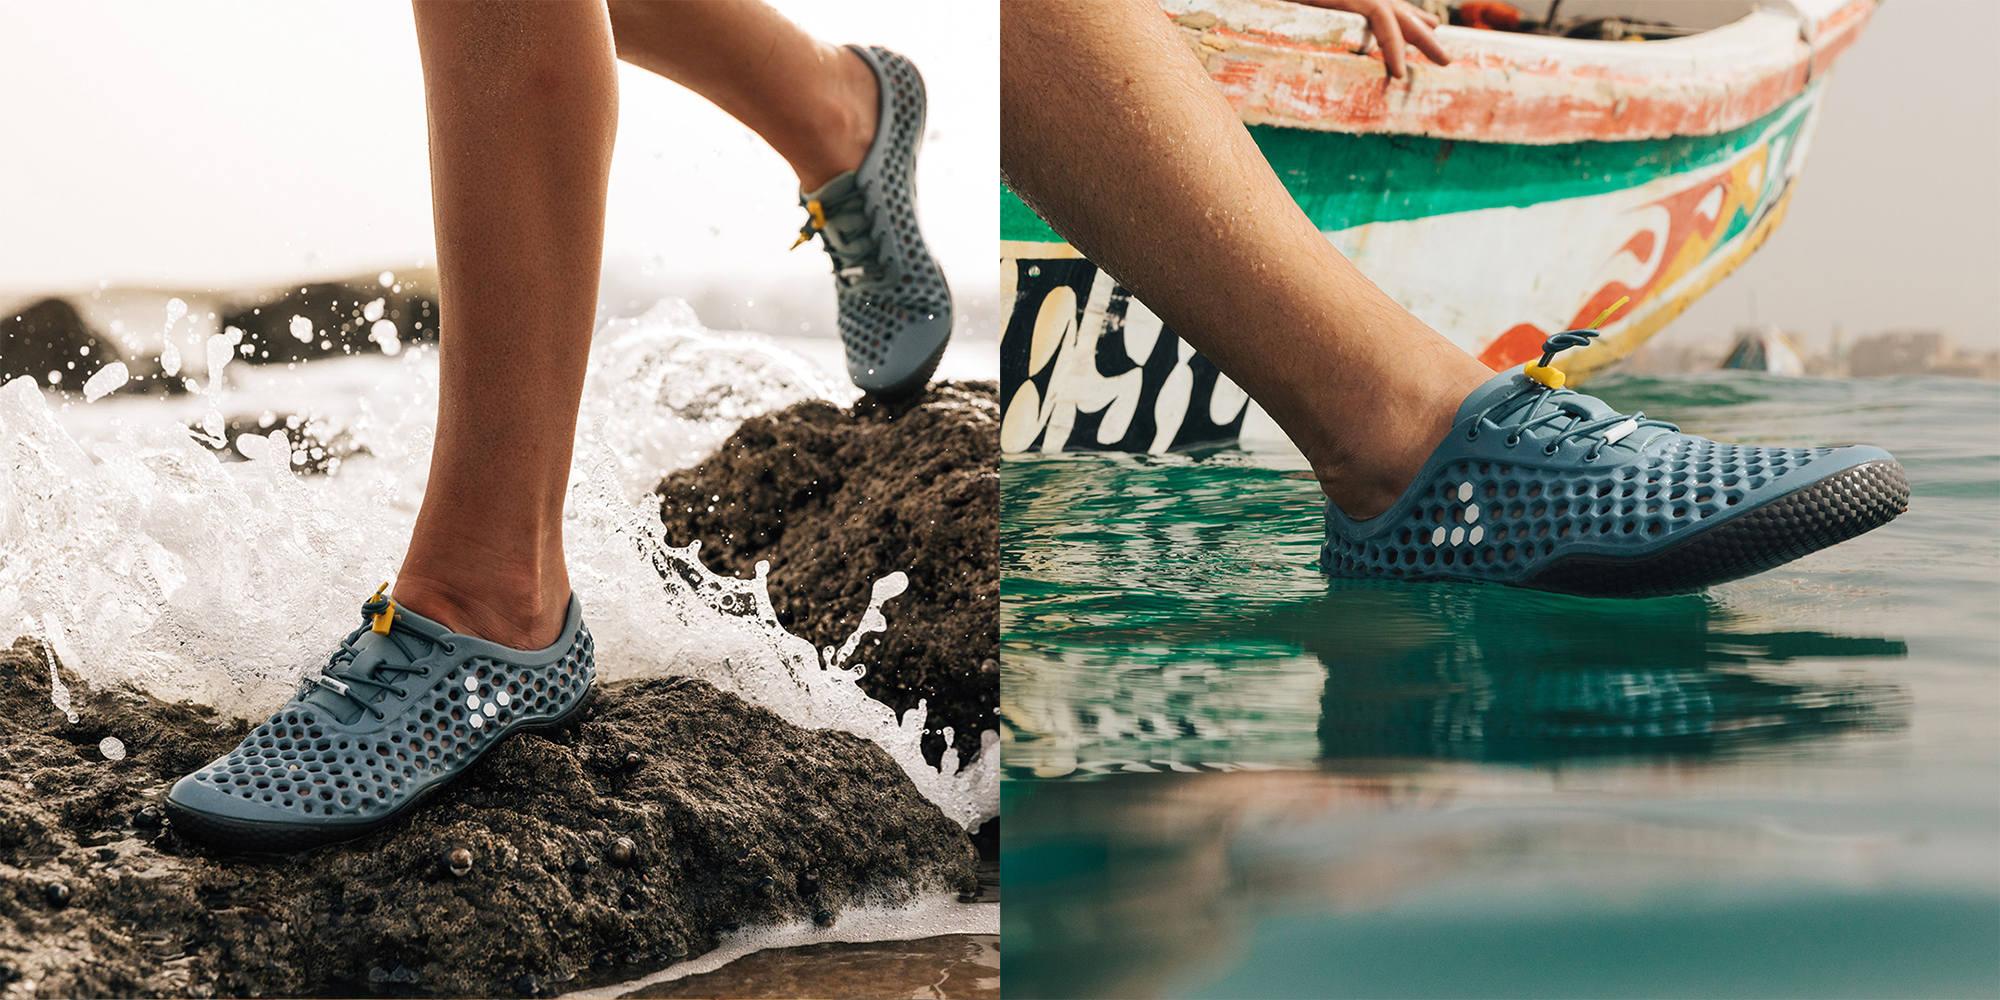 Vivobarefoot Shoes Should Feel Like Walking Barefoot